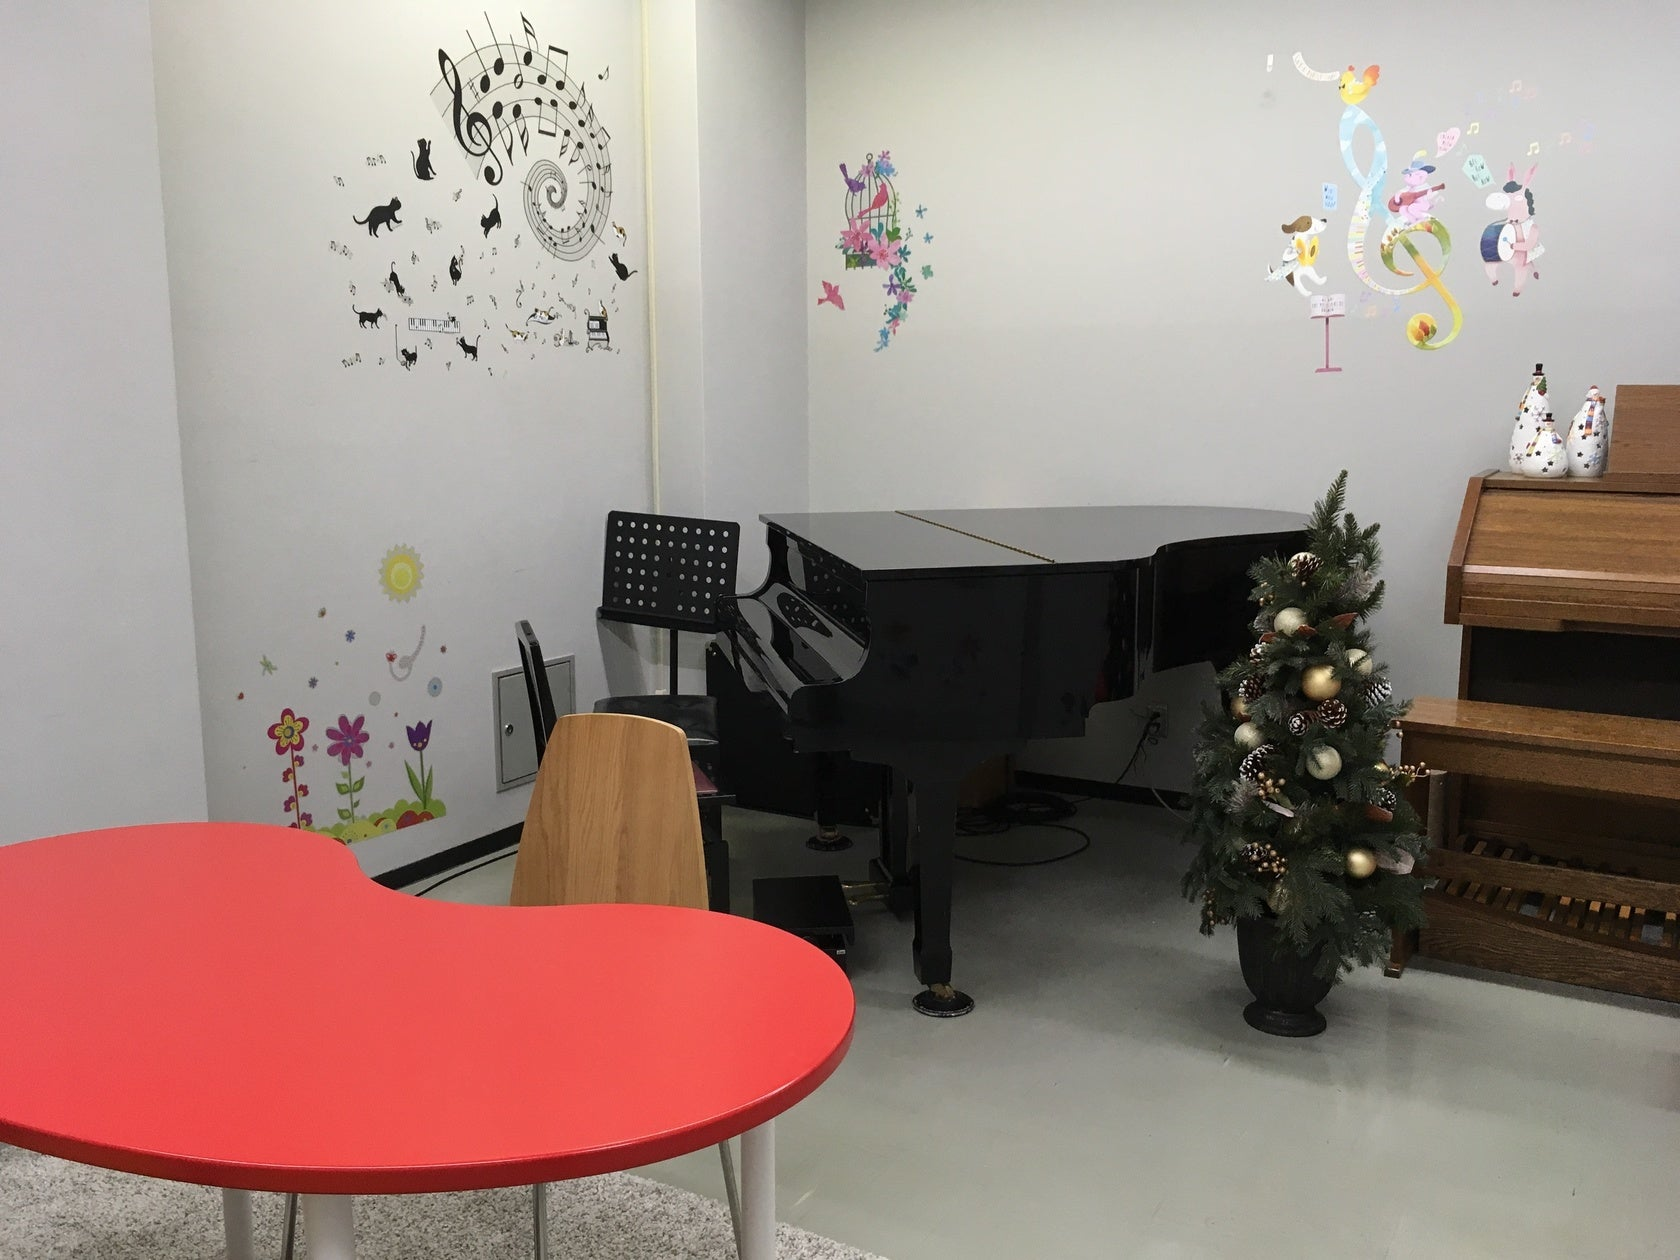 【グランドピアノ・電子チャーチオルガン付き】練習・会議・撮影など大歓迎! の写真